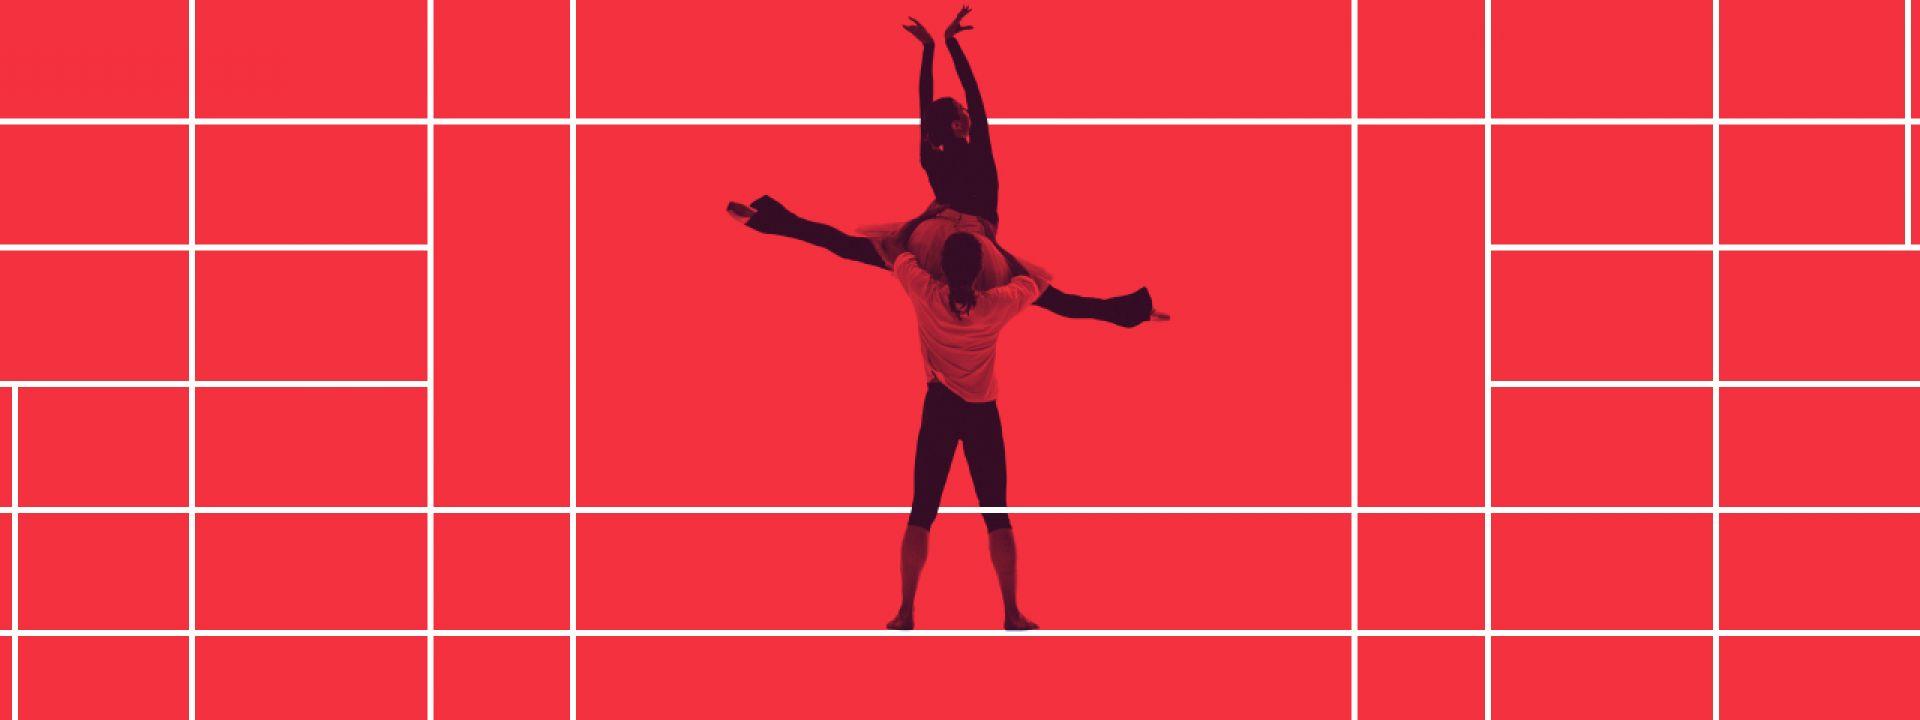 Παγκόσμια Ημέρα Χορού - Εικόνα